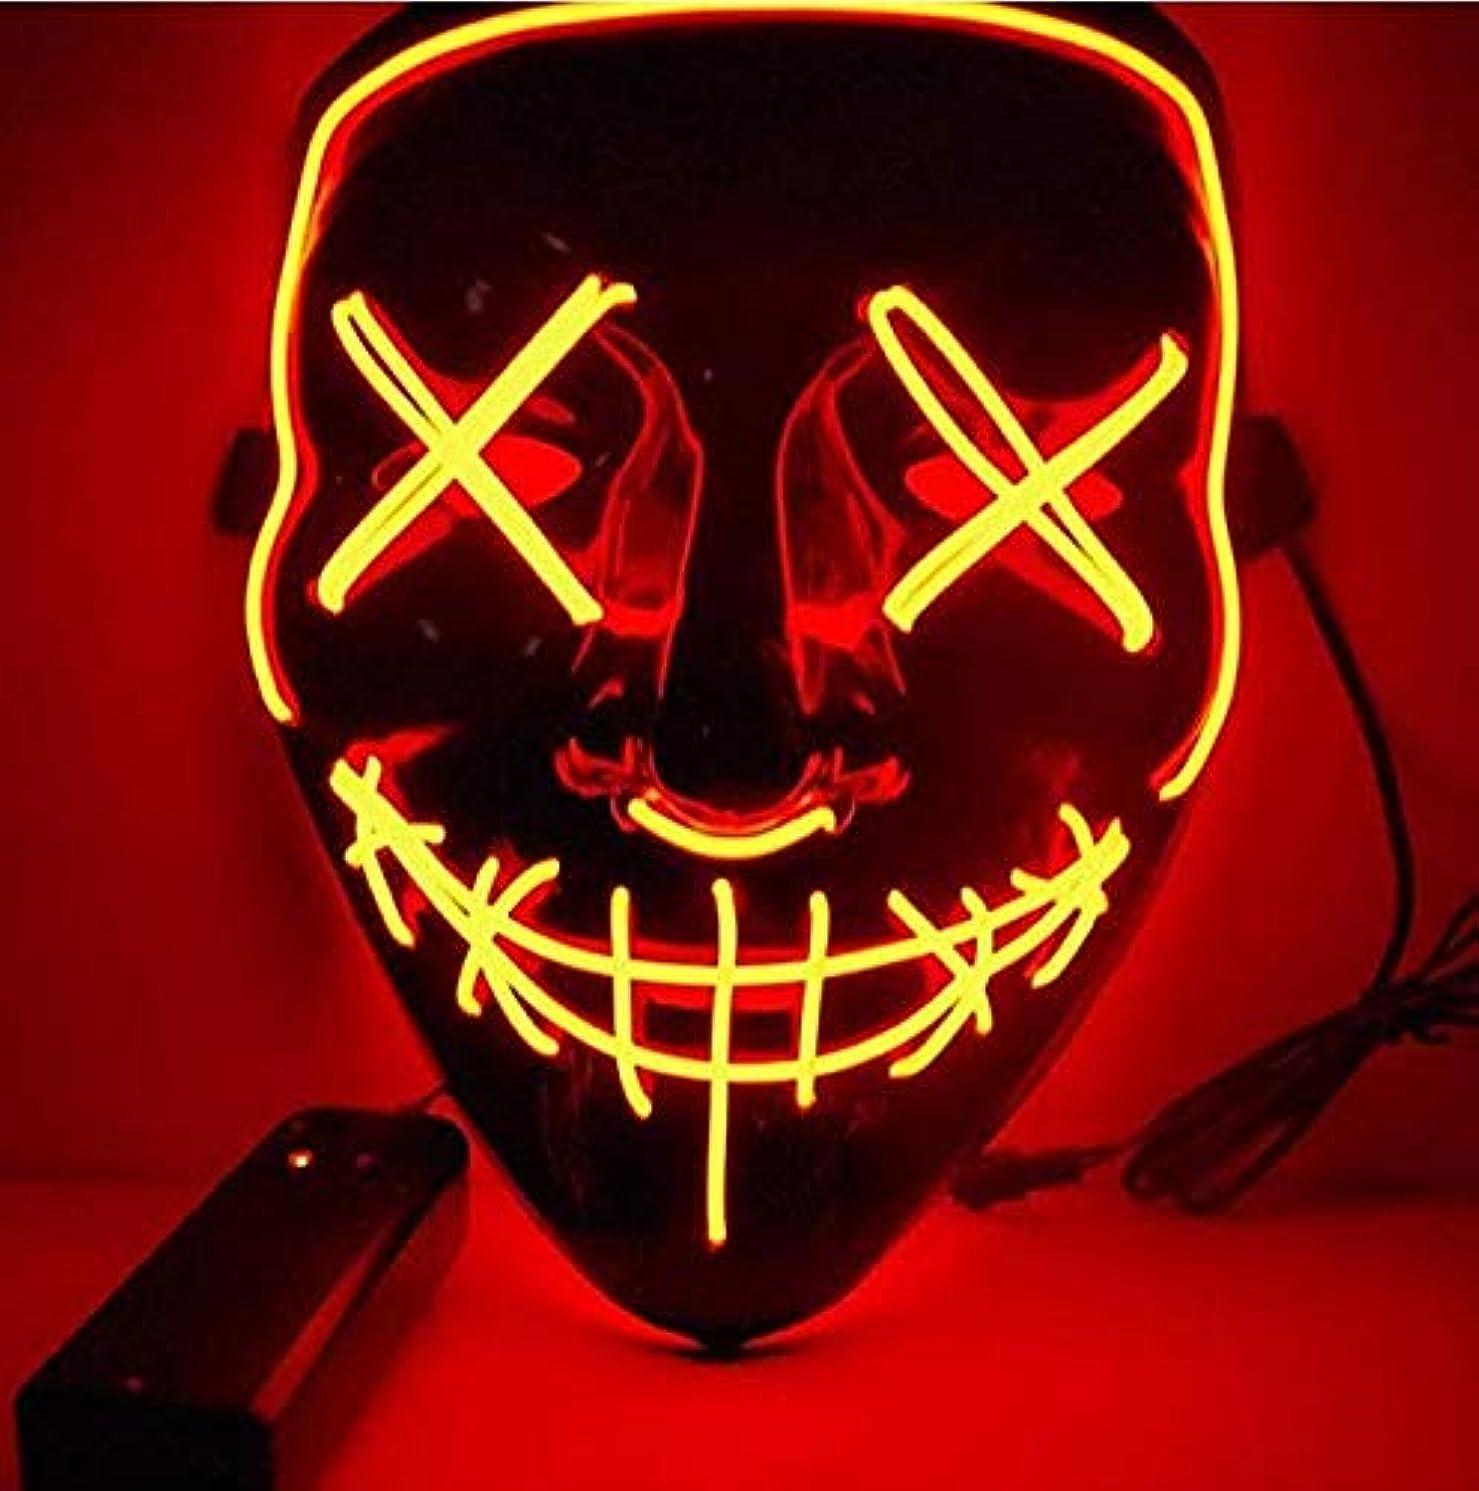 専ら申し立てる熱帯のハロウィンマスクLEDライトアップパーティーマスクコスプレコスチュームサプライ暗闇で光る (Color : PURPLE)